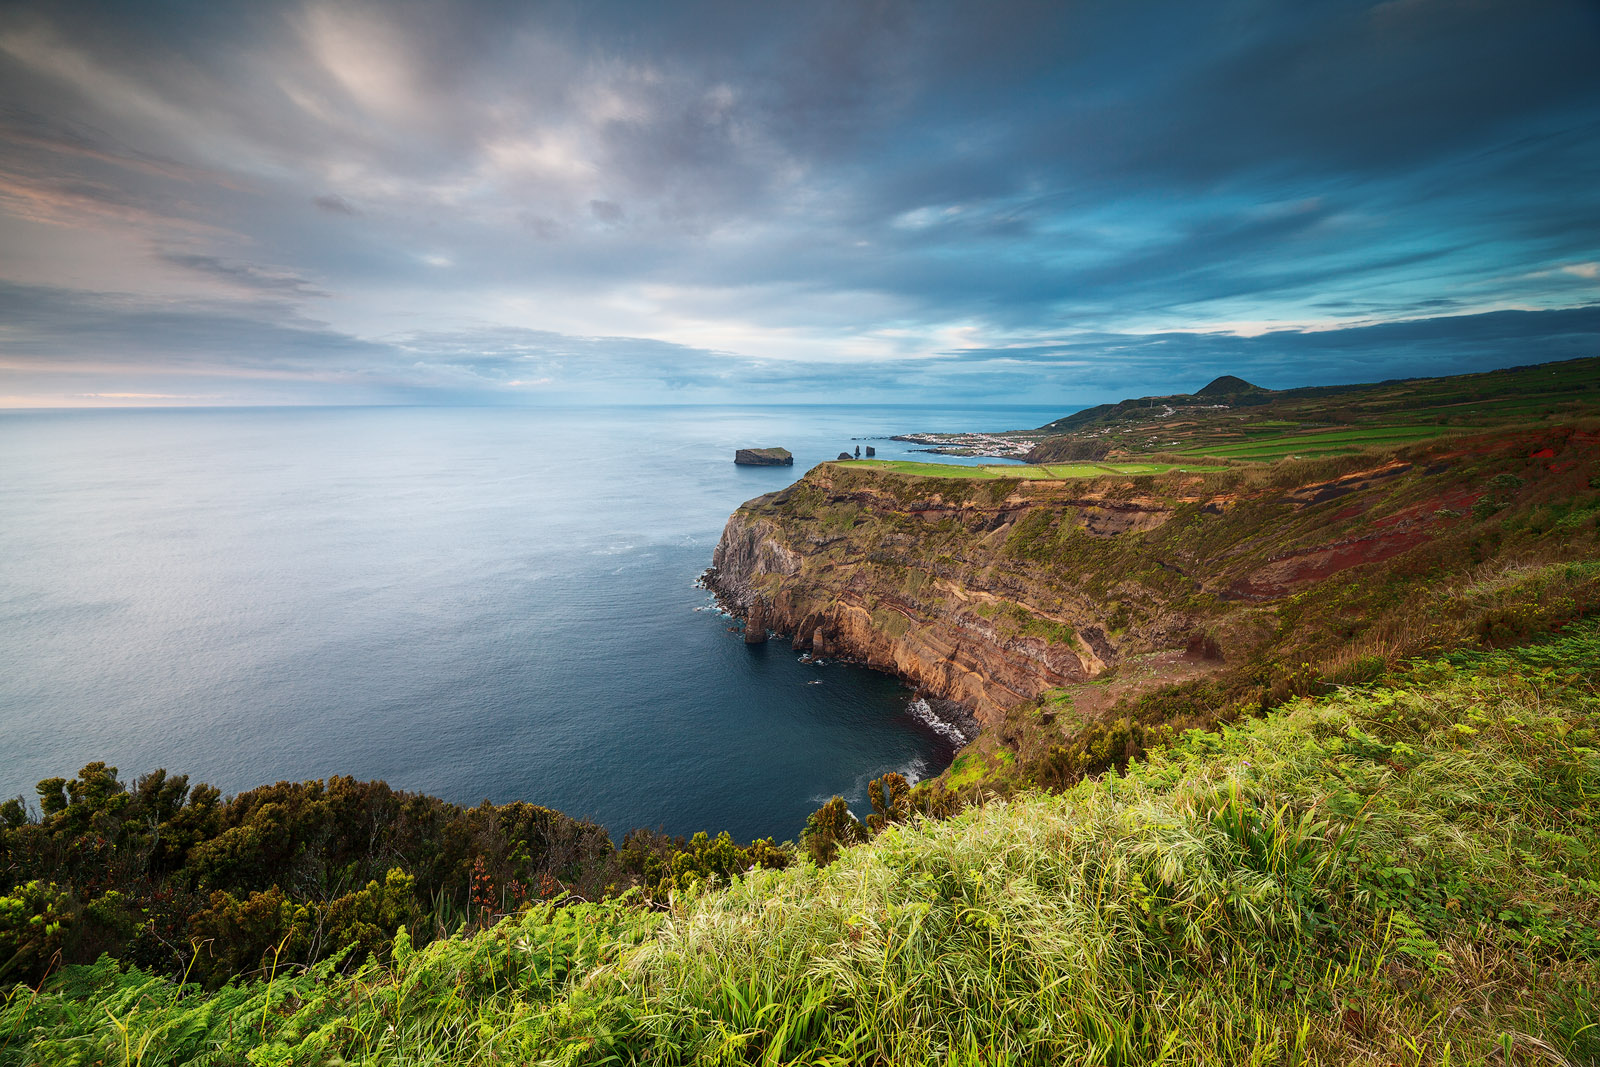 Côte de l'île de Saõ Miguel dans les Açores, réalisée avec l'objectif Laowa 12mm F/2.8 Zero-D